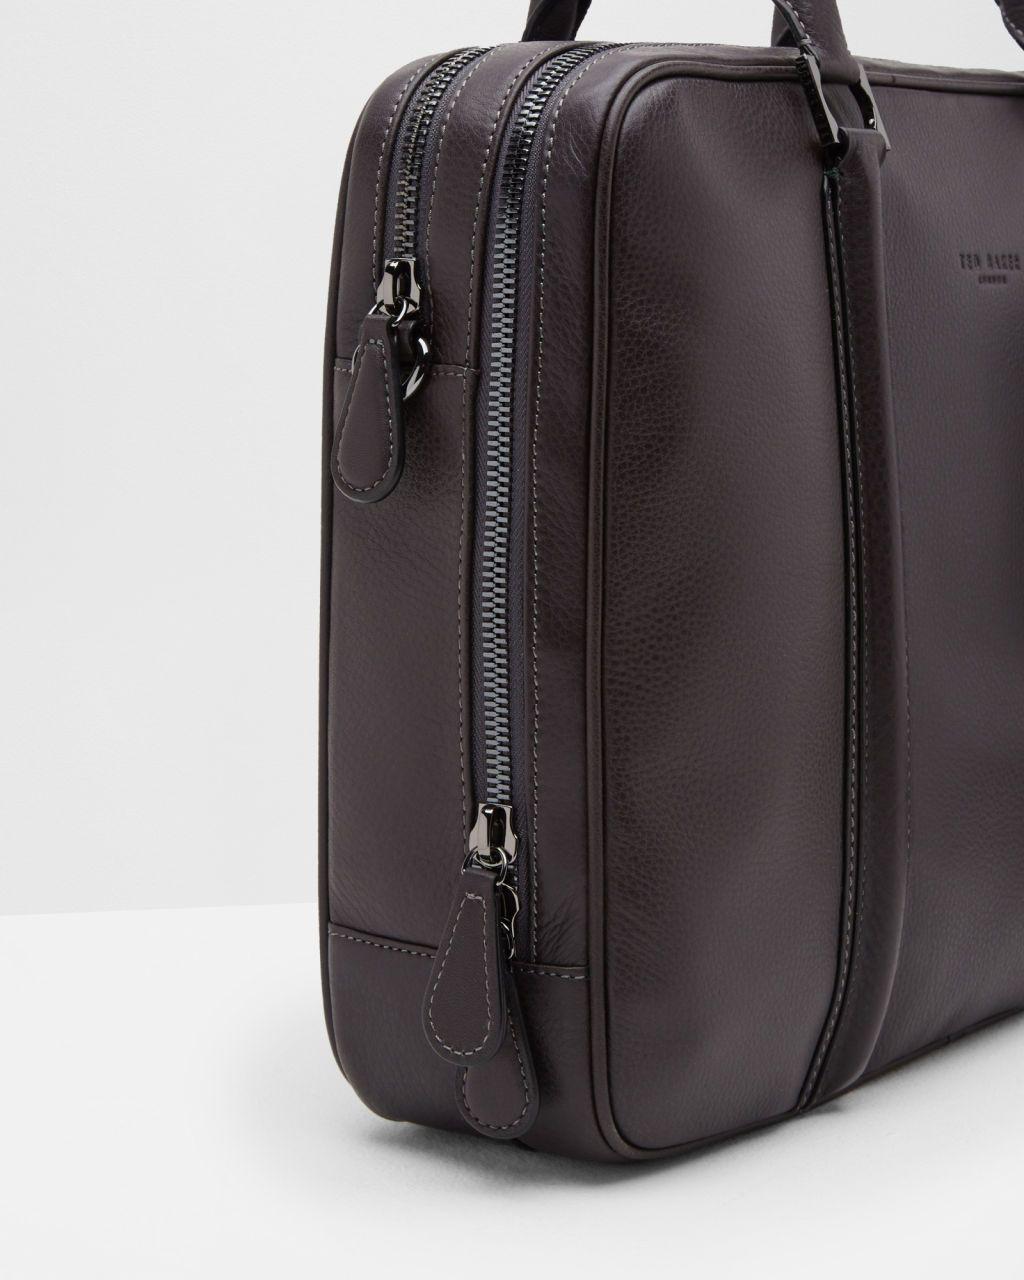 5dbea8c1b1 Leather document bag - Charcoal